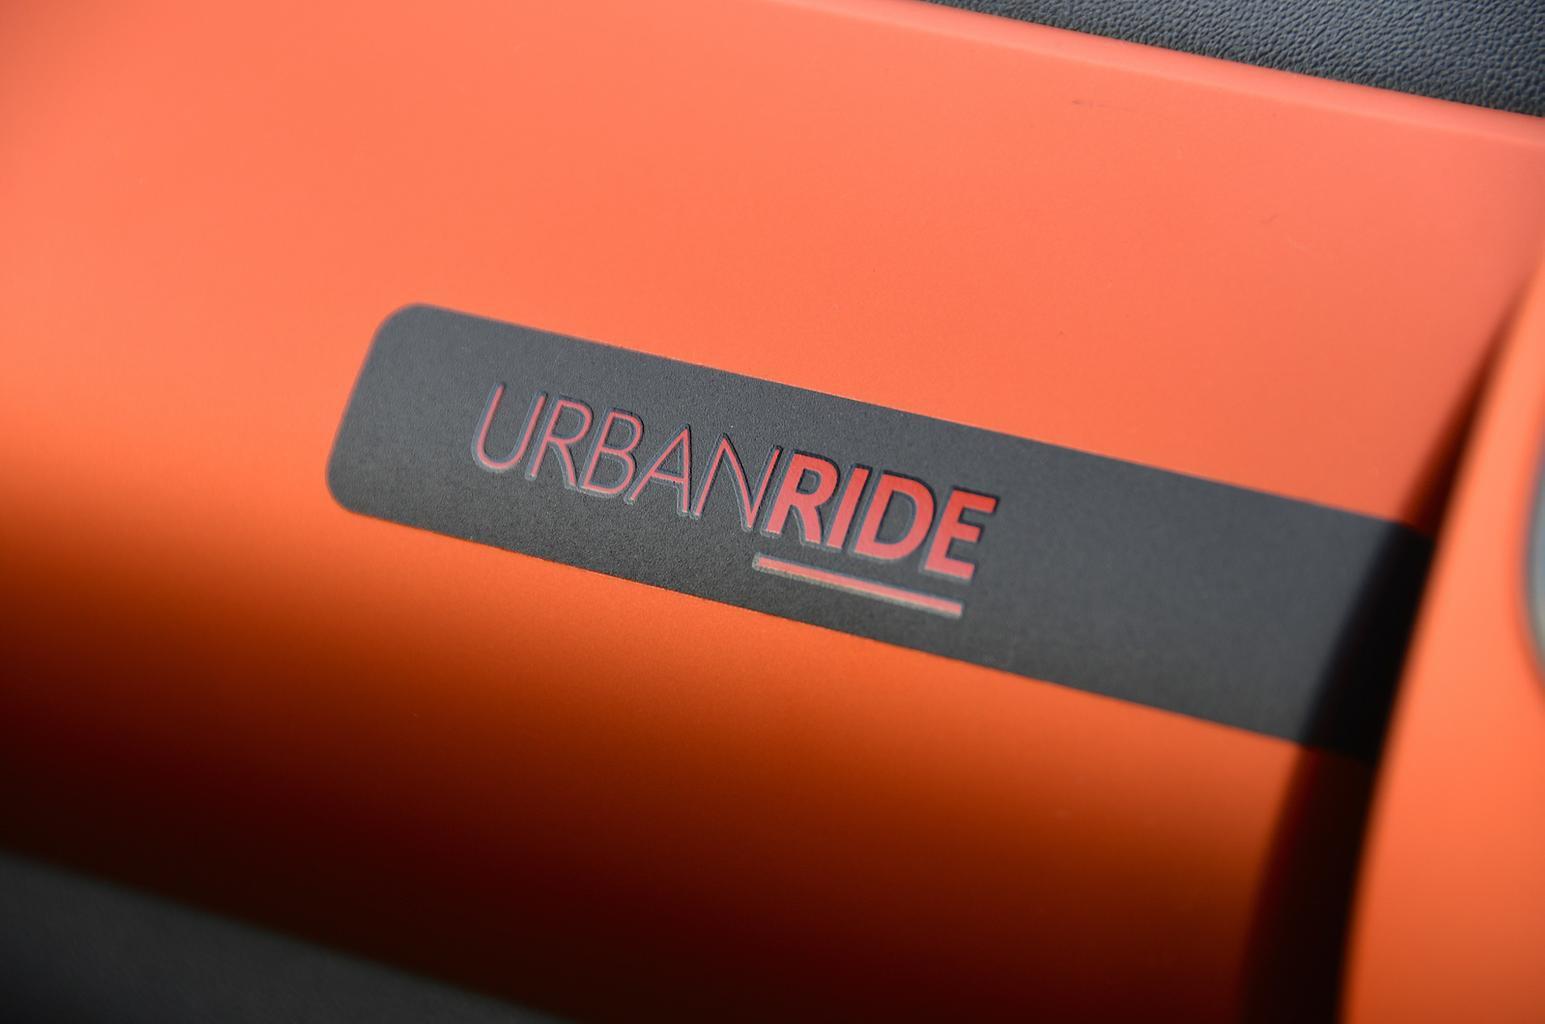 Citroën C1 Urban Ride interior badge